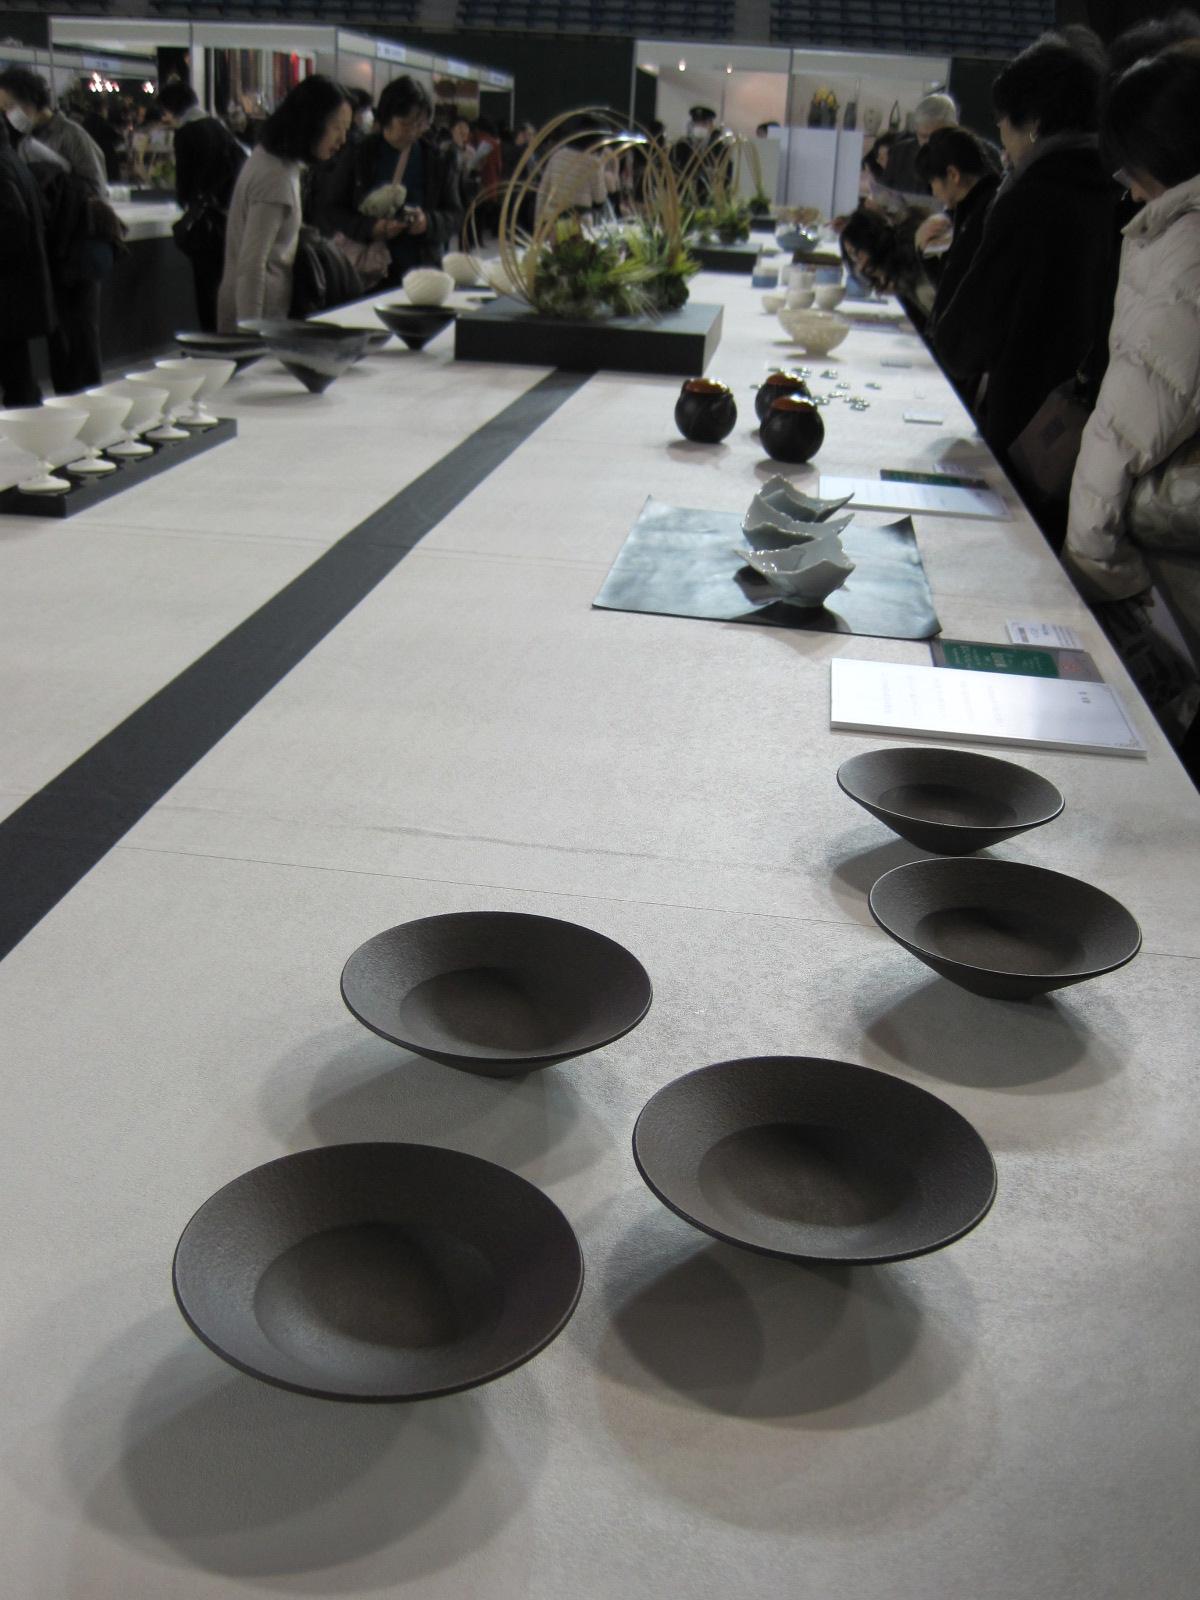 テーブルウェア・フェスティバル 2012 in 東京ドーム_f0236260_13155063.jpg